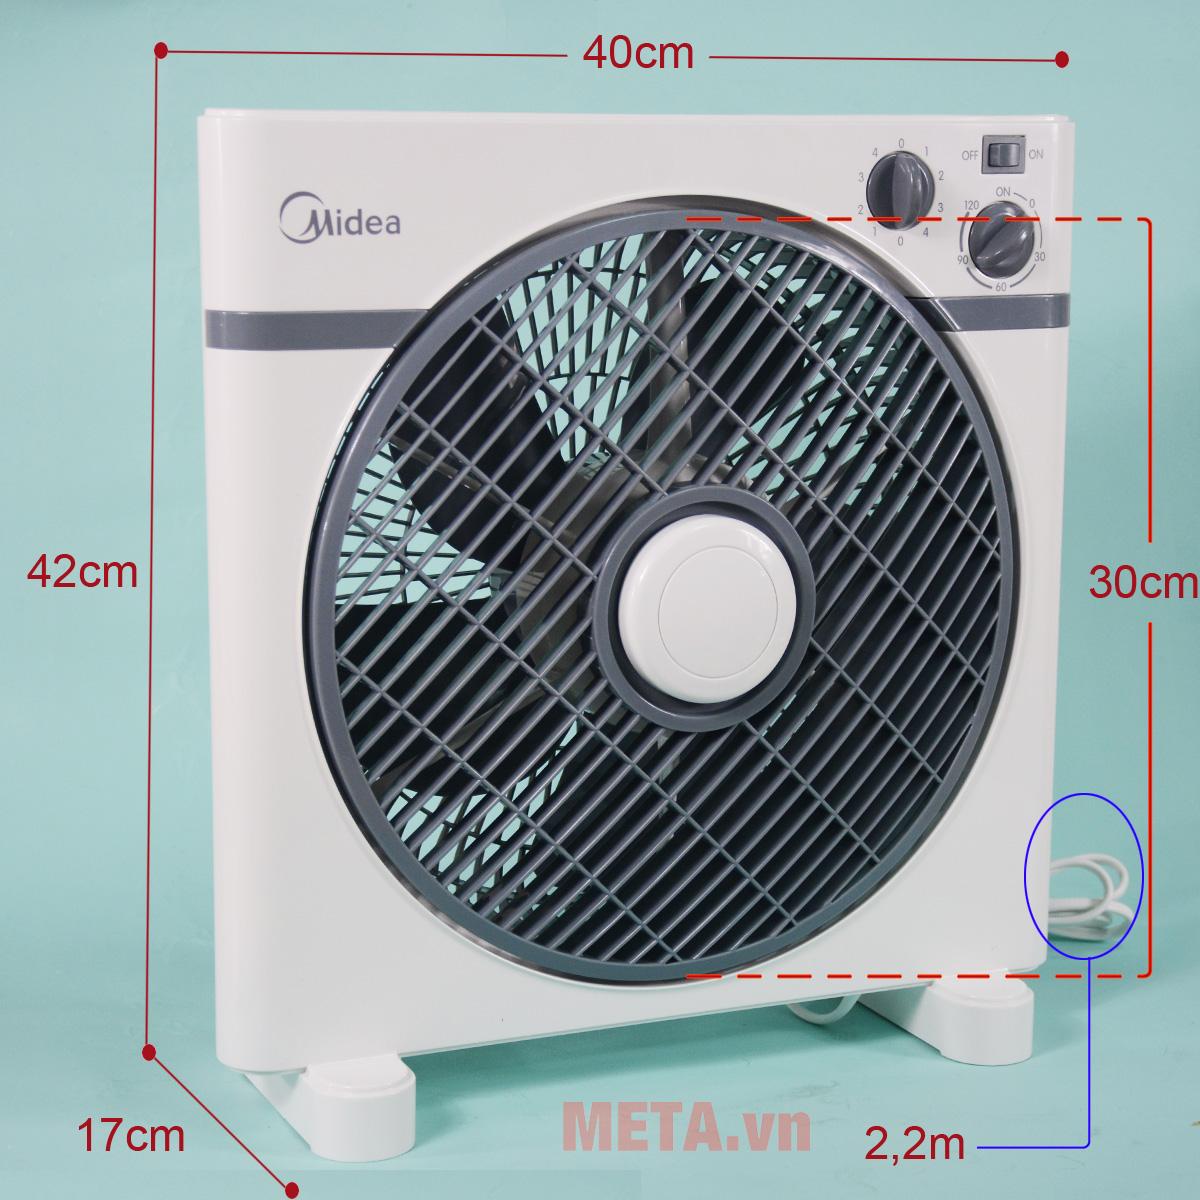 Quạt hộp Midea KYT30-15A được làm bằng nhựa cao cấp